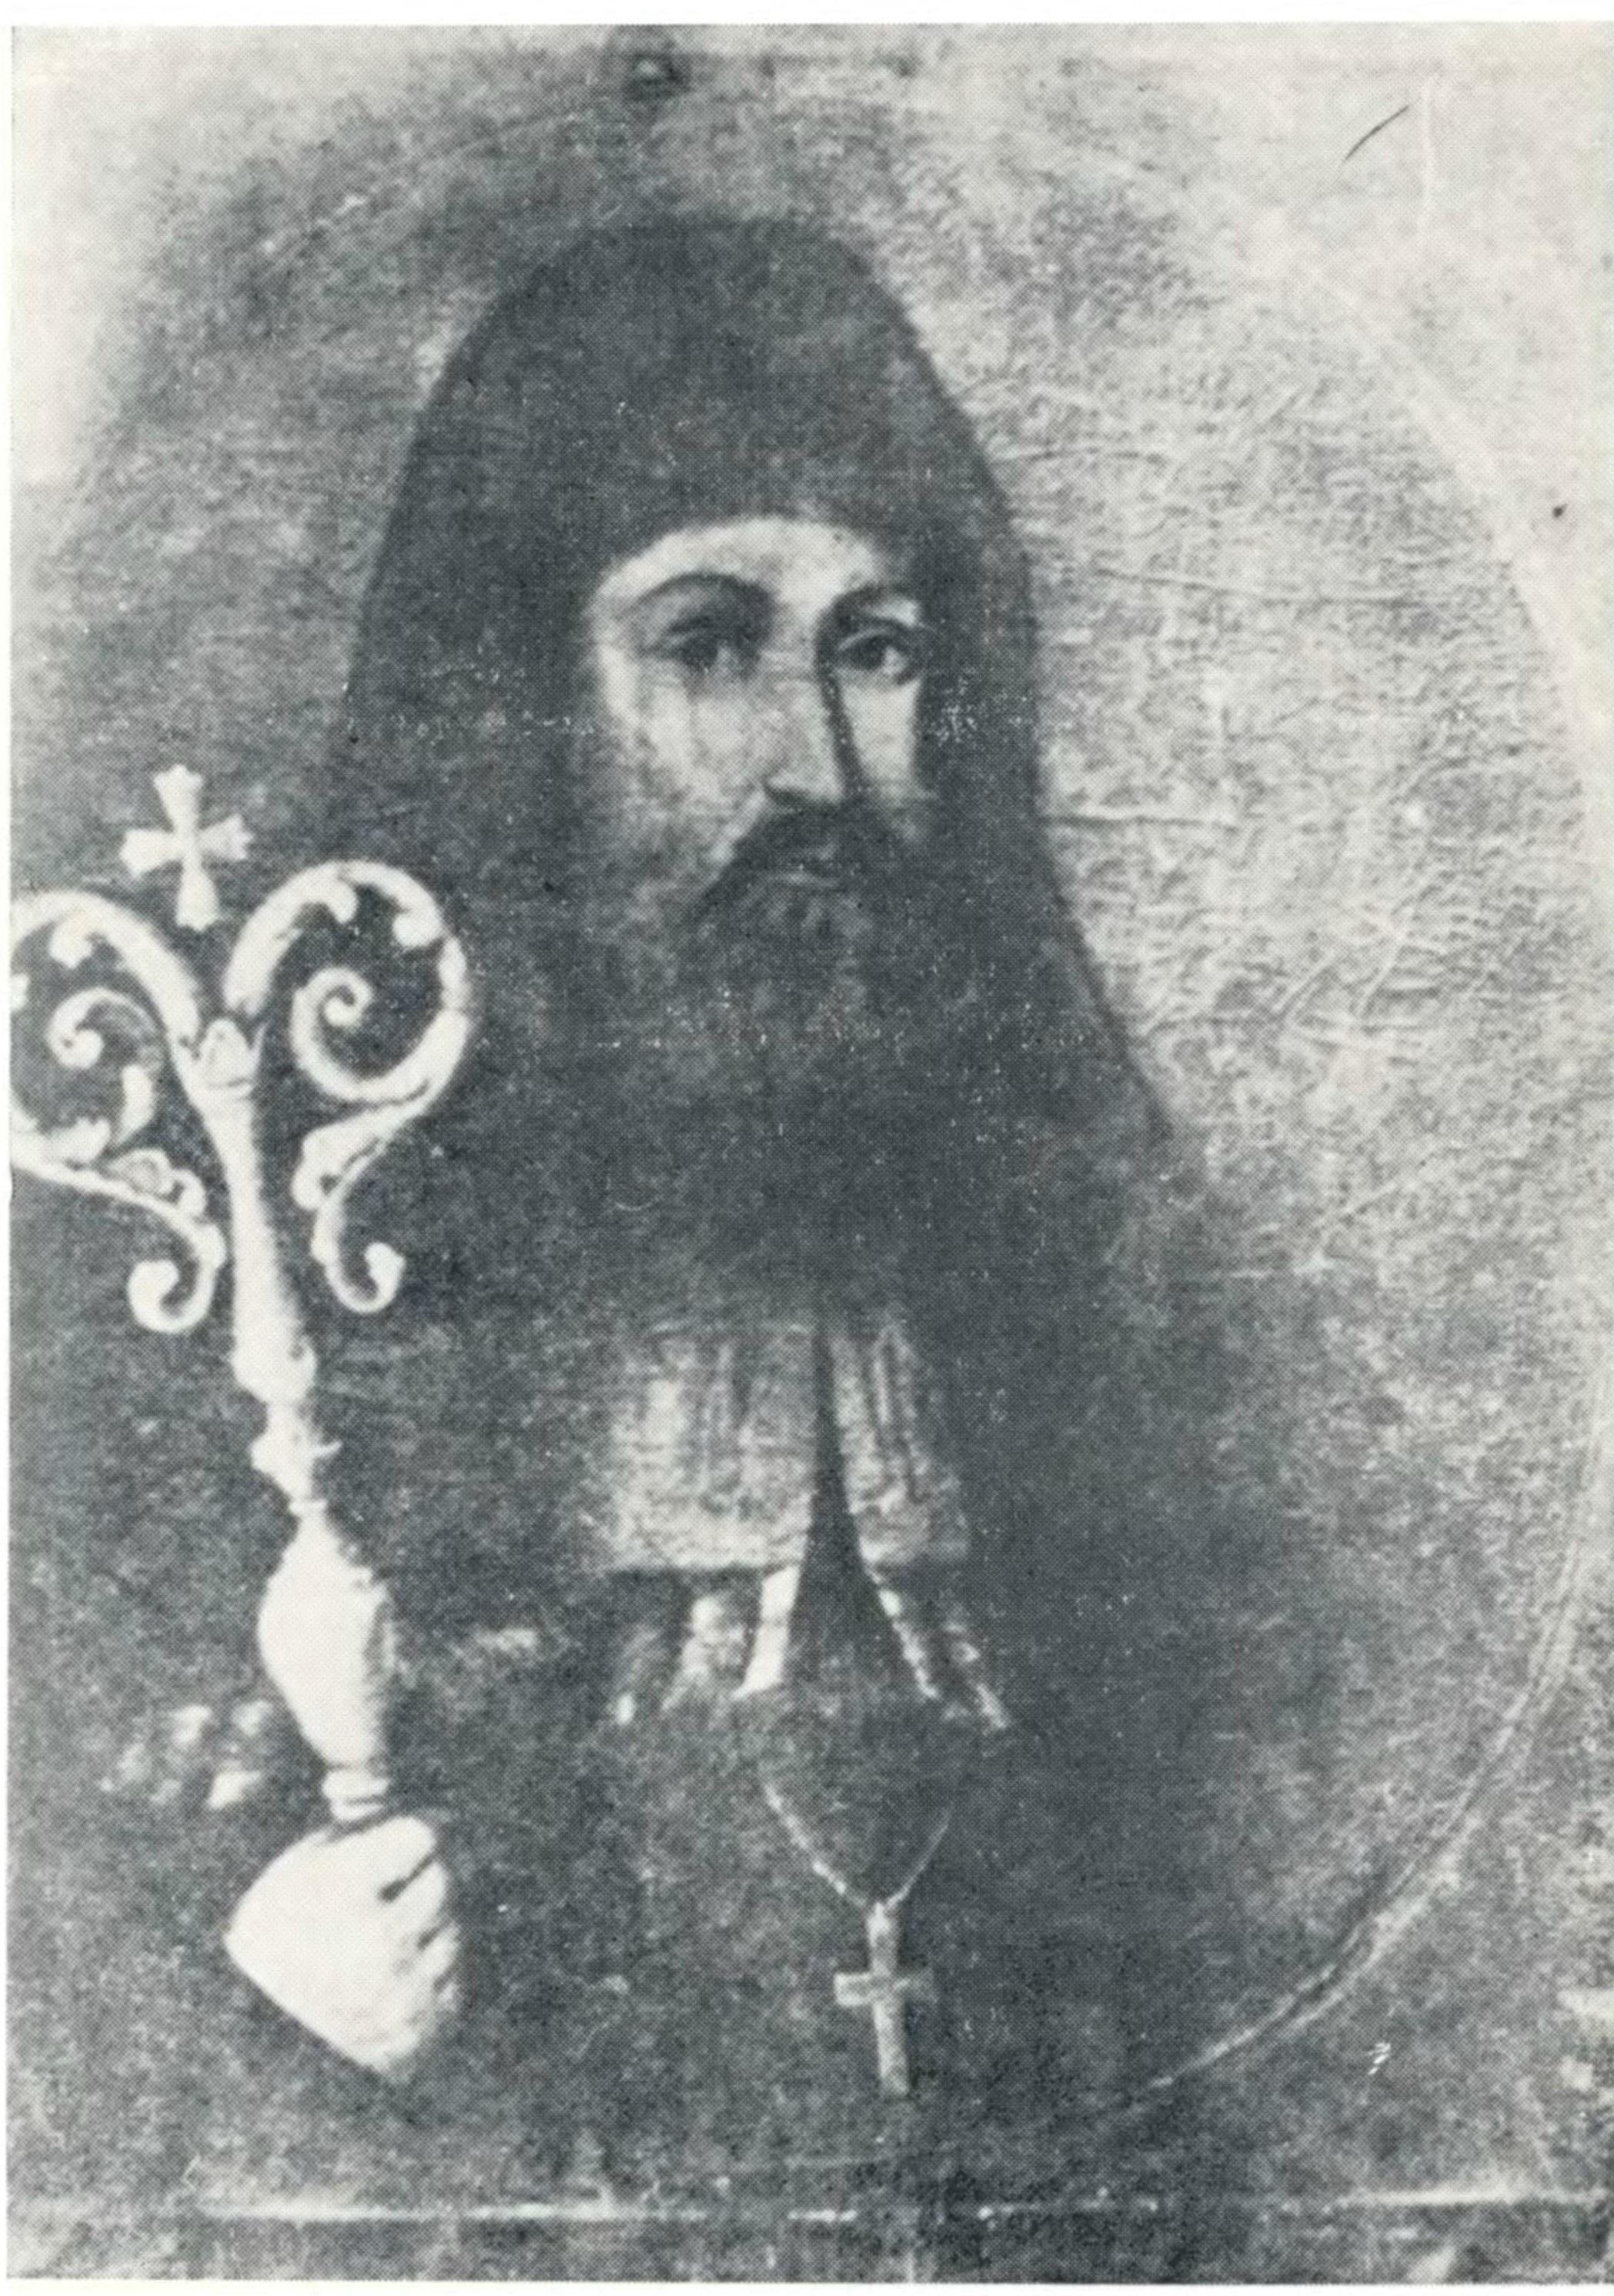 Vinnitskiy